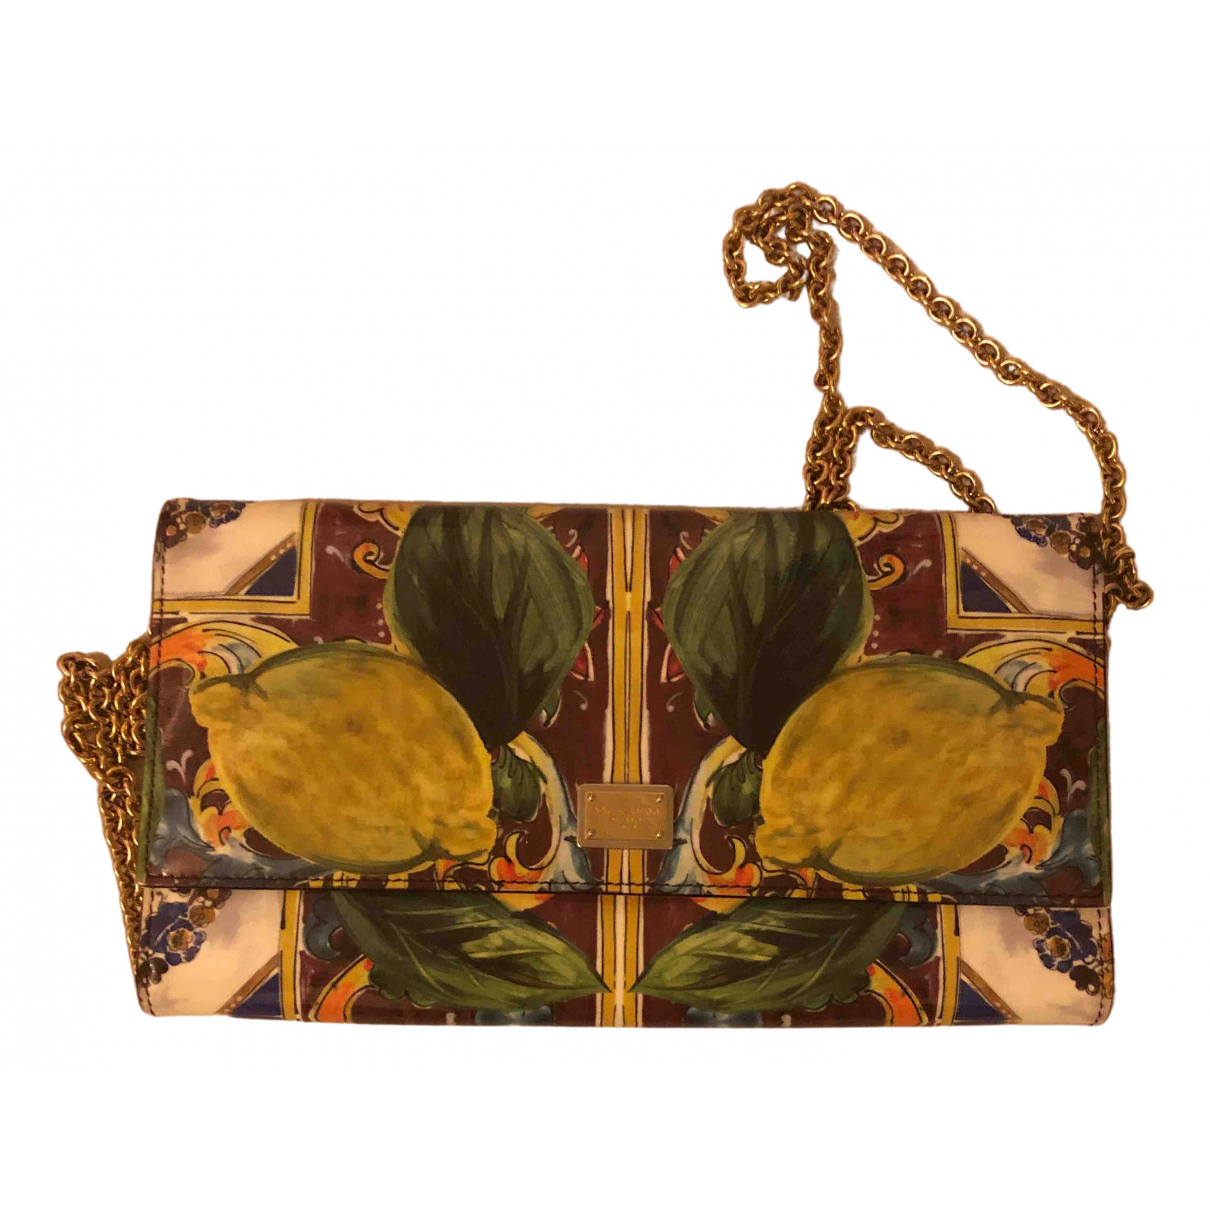 Pochette de Charol Dolce & Gabbana